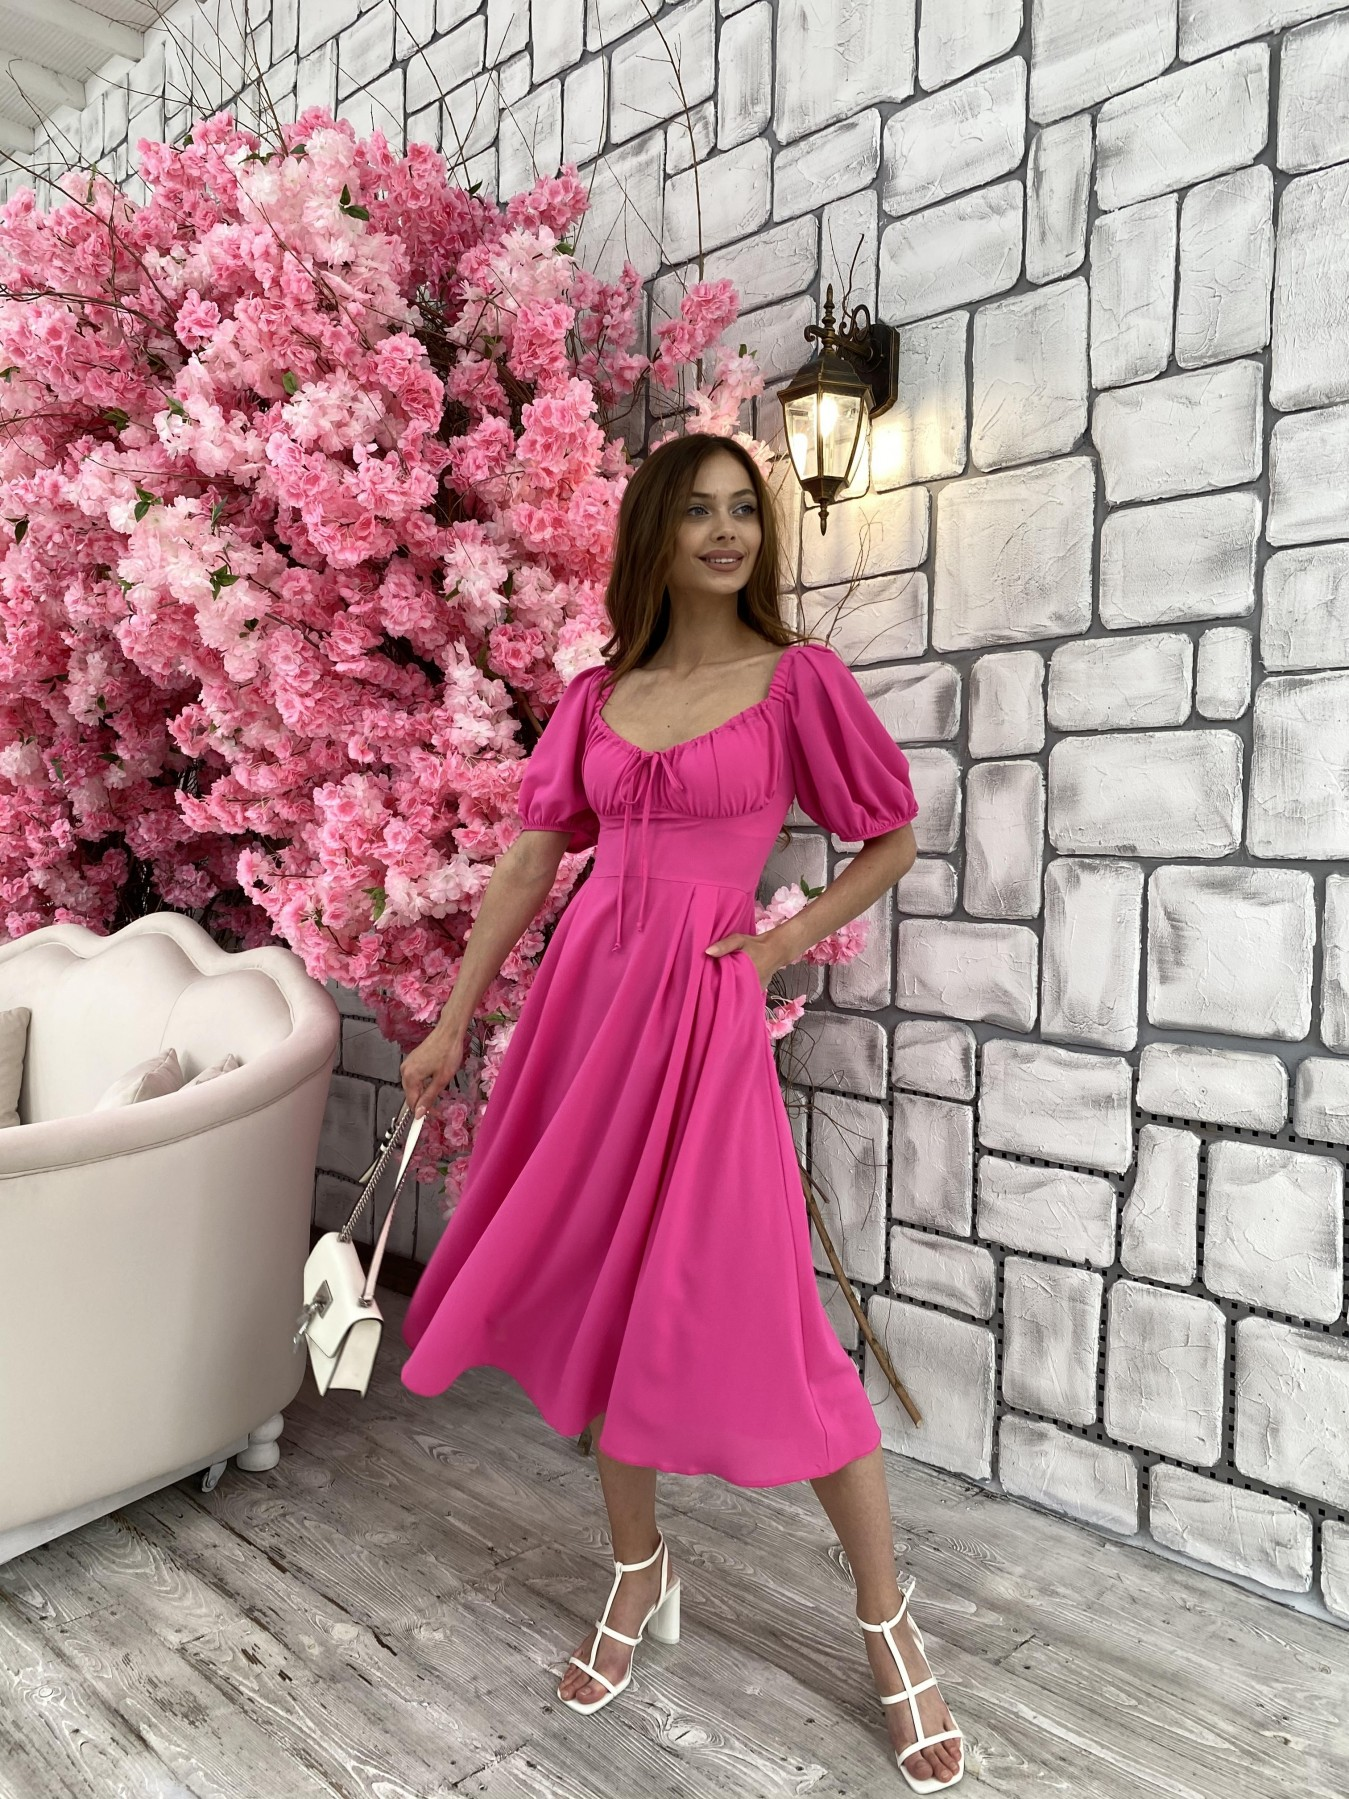 Кисес Миди платье из шифона креп 11443 АРТ. 48015 Цвет: Малиновый - фото 2, интернет магазин tm-modus.ru